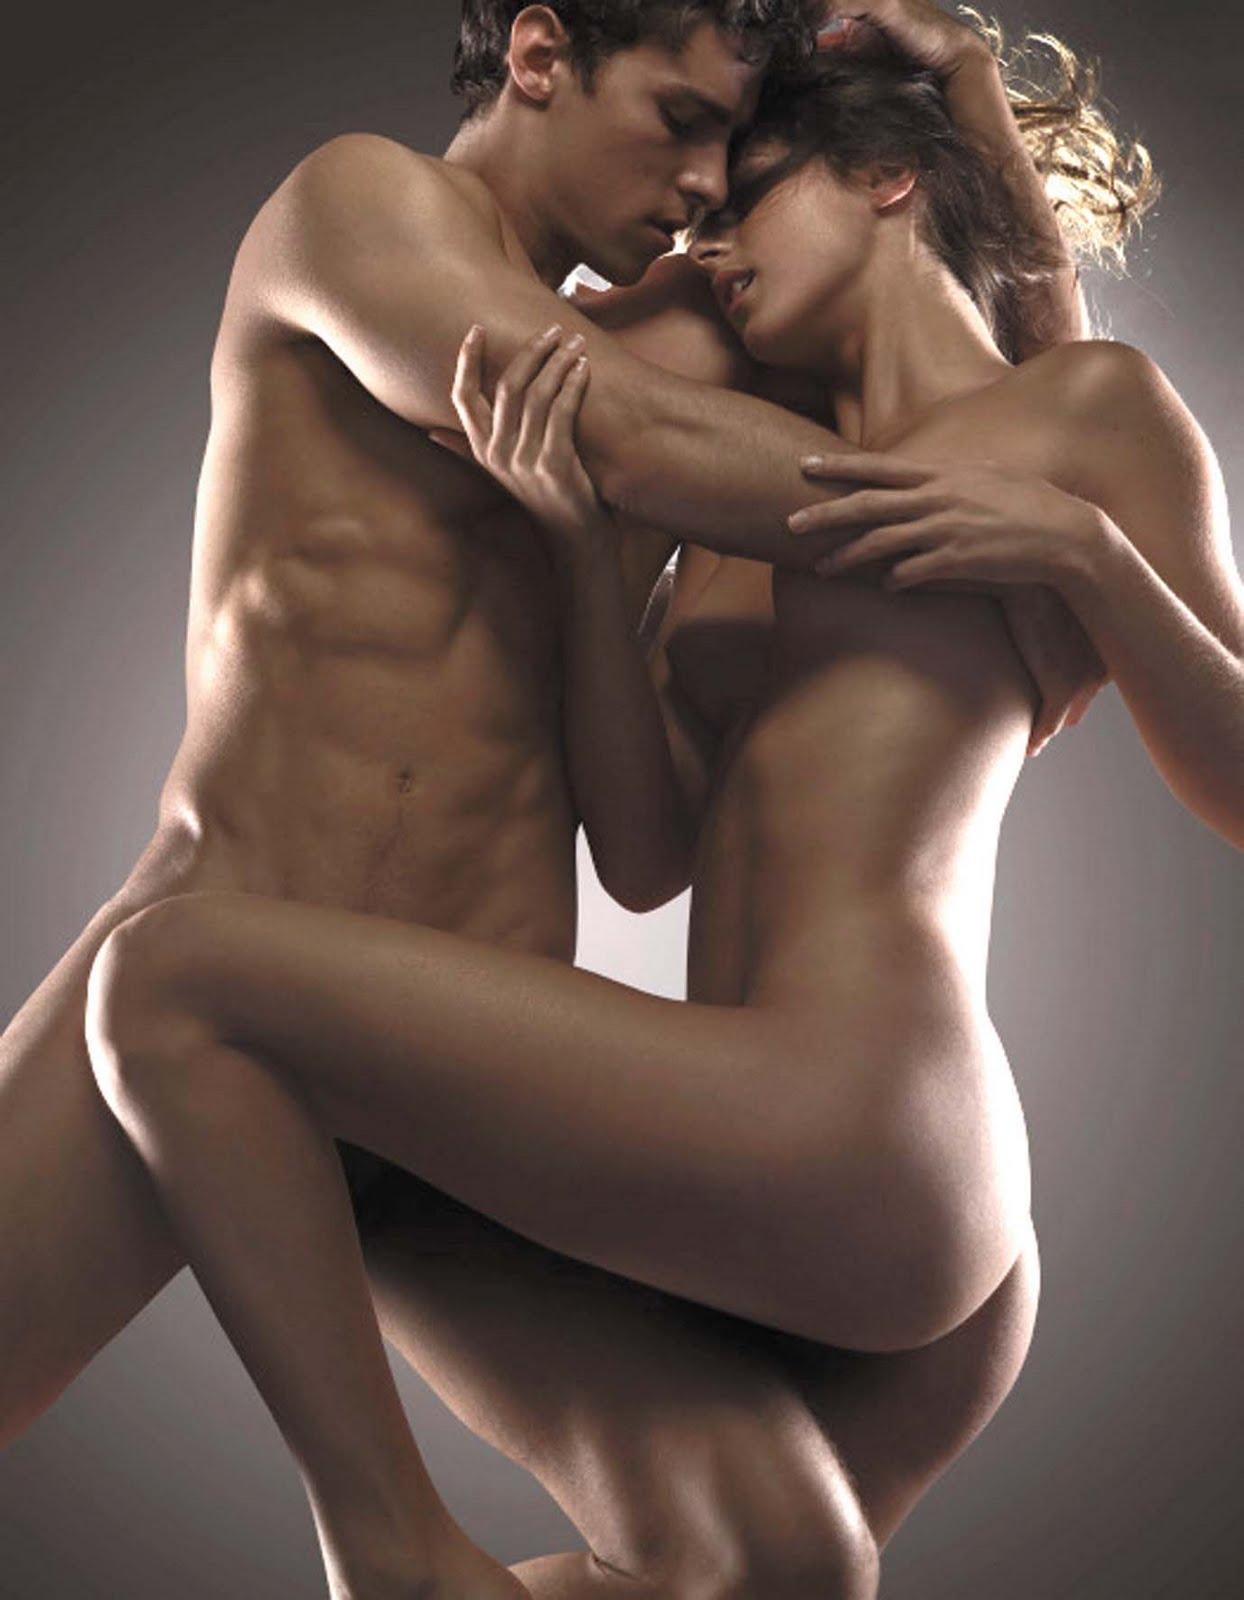 Эротическое фото мужчин и женщин 7 фотография